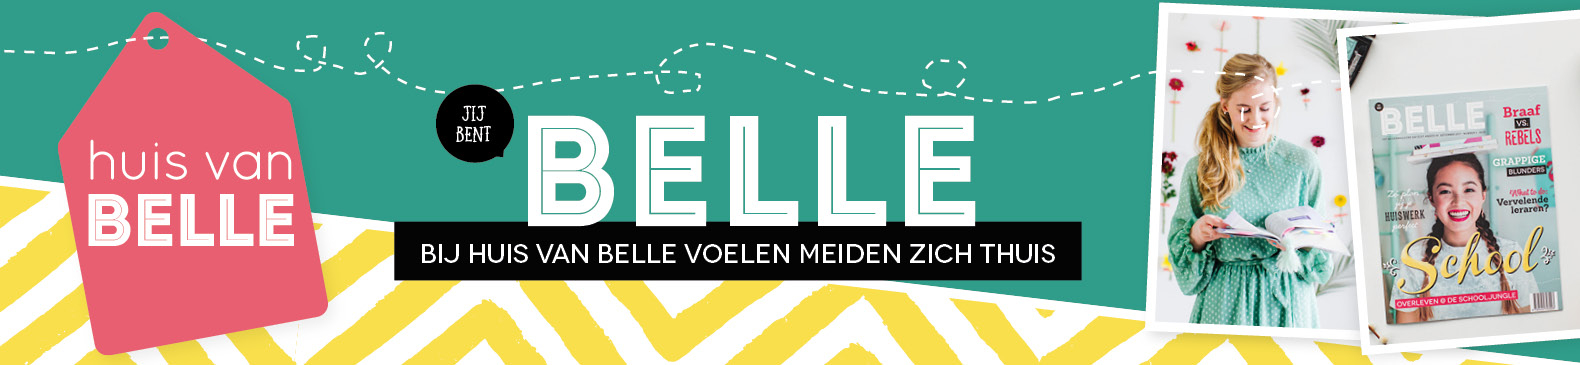 Actiepakket 2 Belle's voor €10, Huis Van Belle